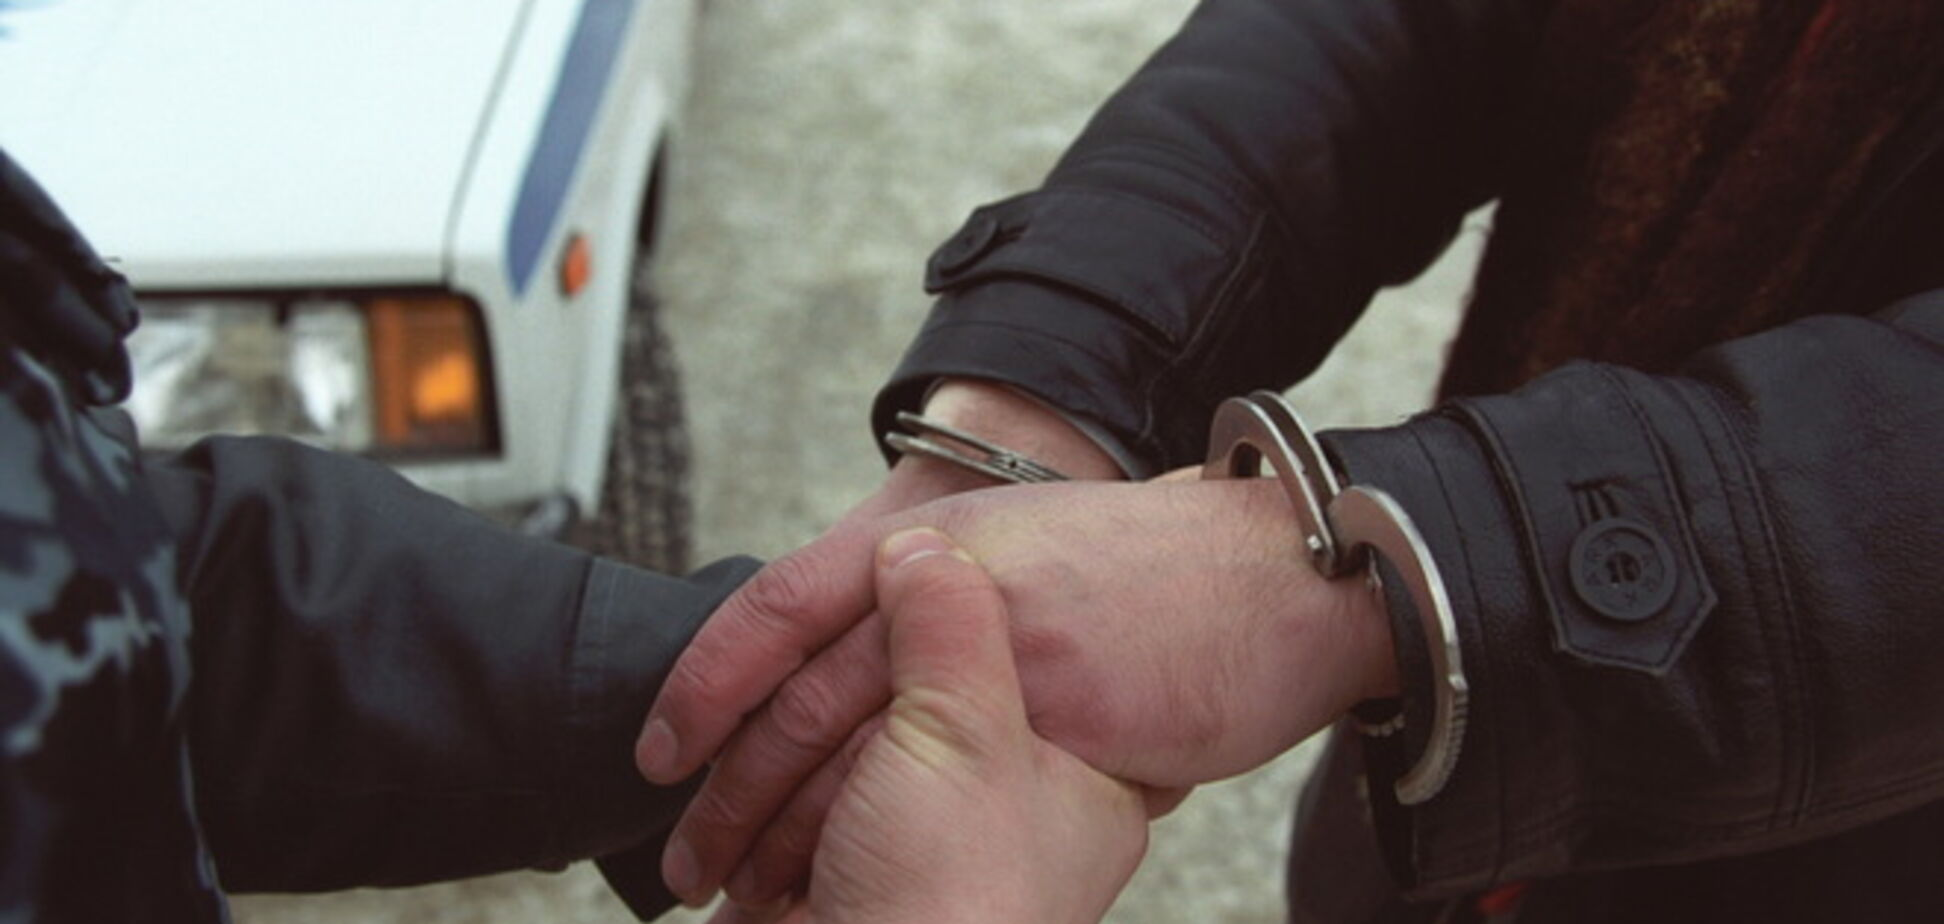 Держприкордонслужба затримала латвійця, якому заборонено в'їзд в Україну за участь у протистоянні в Криму